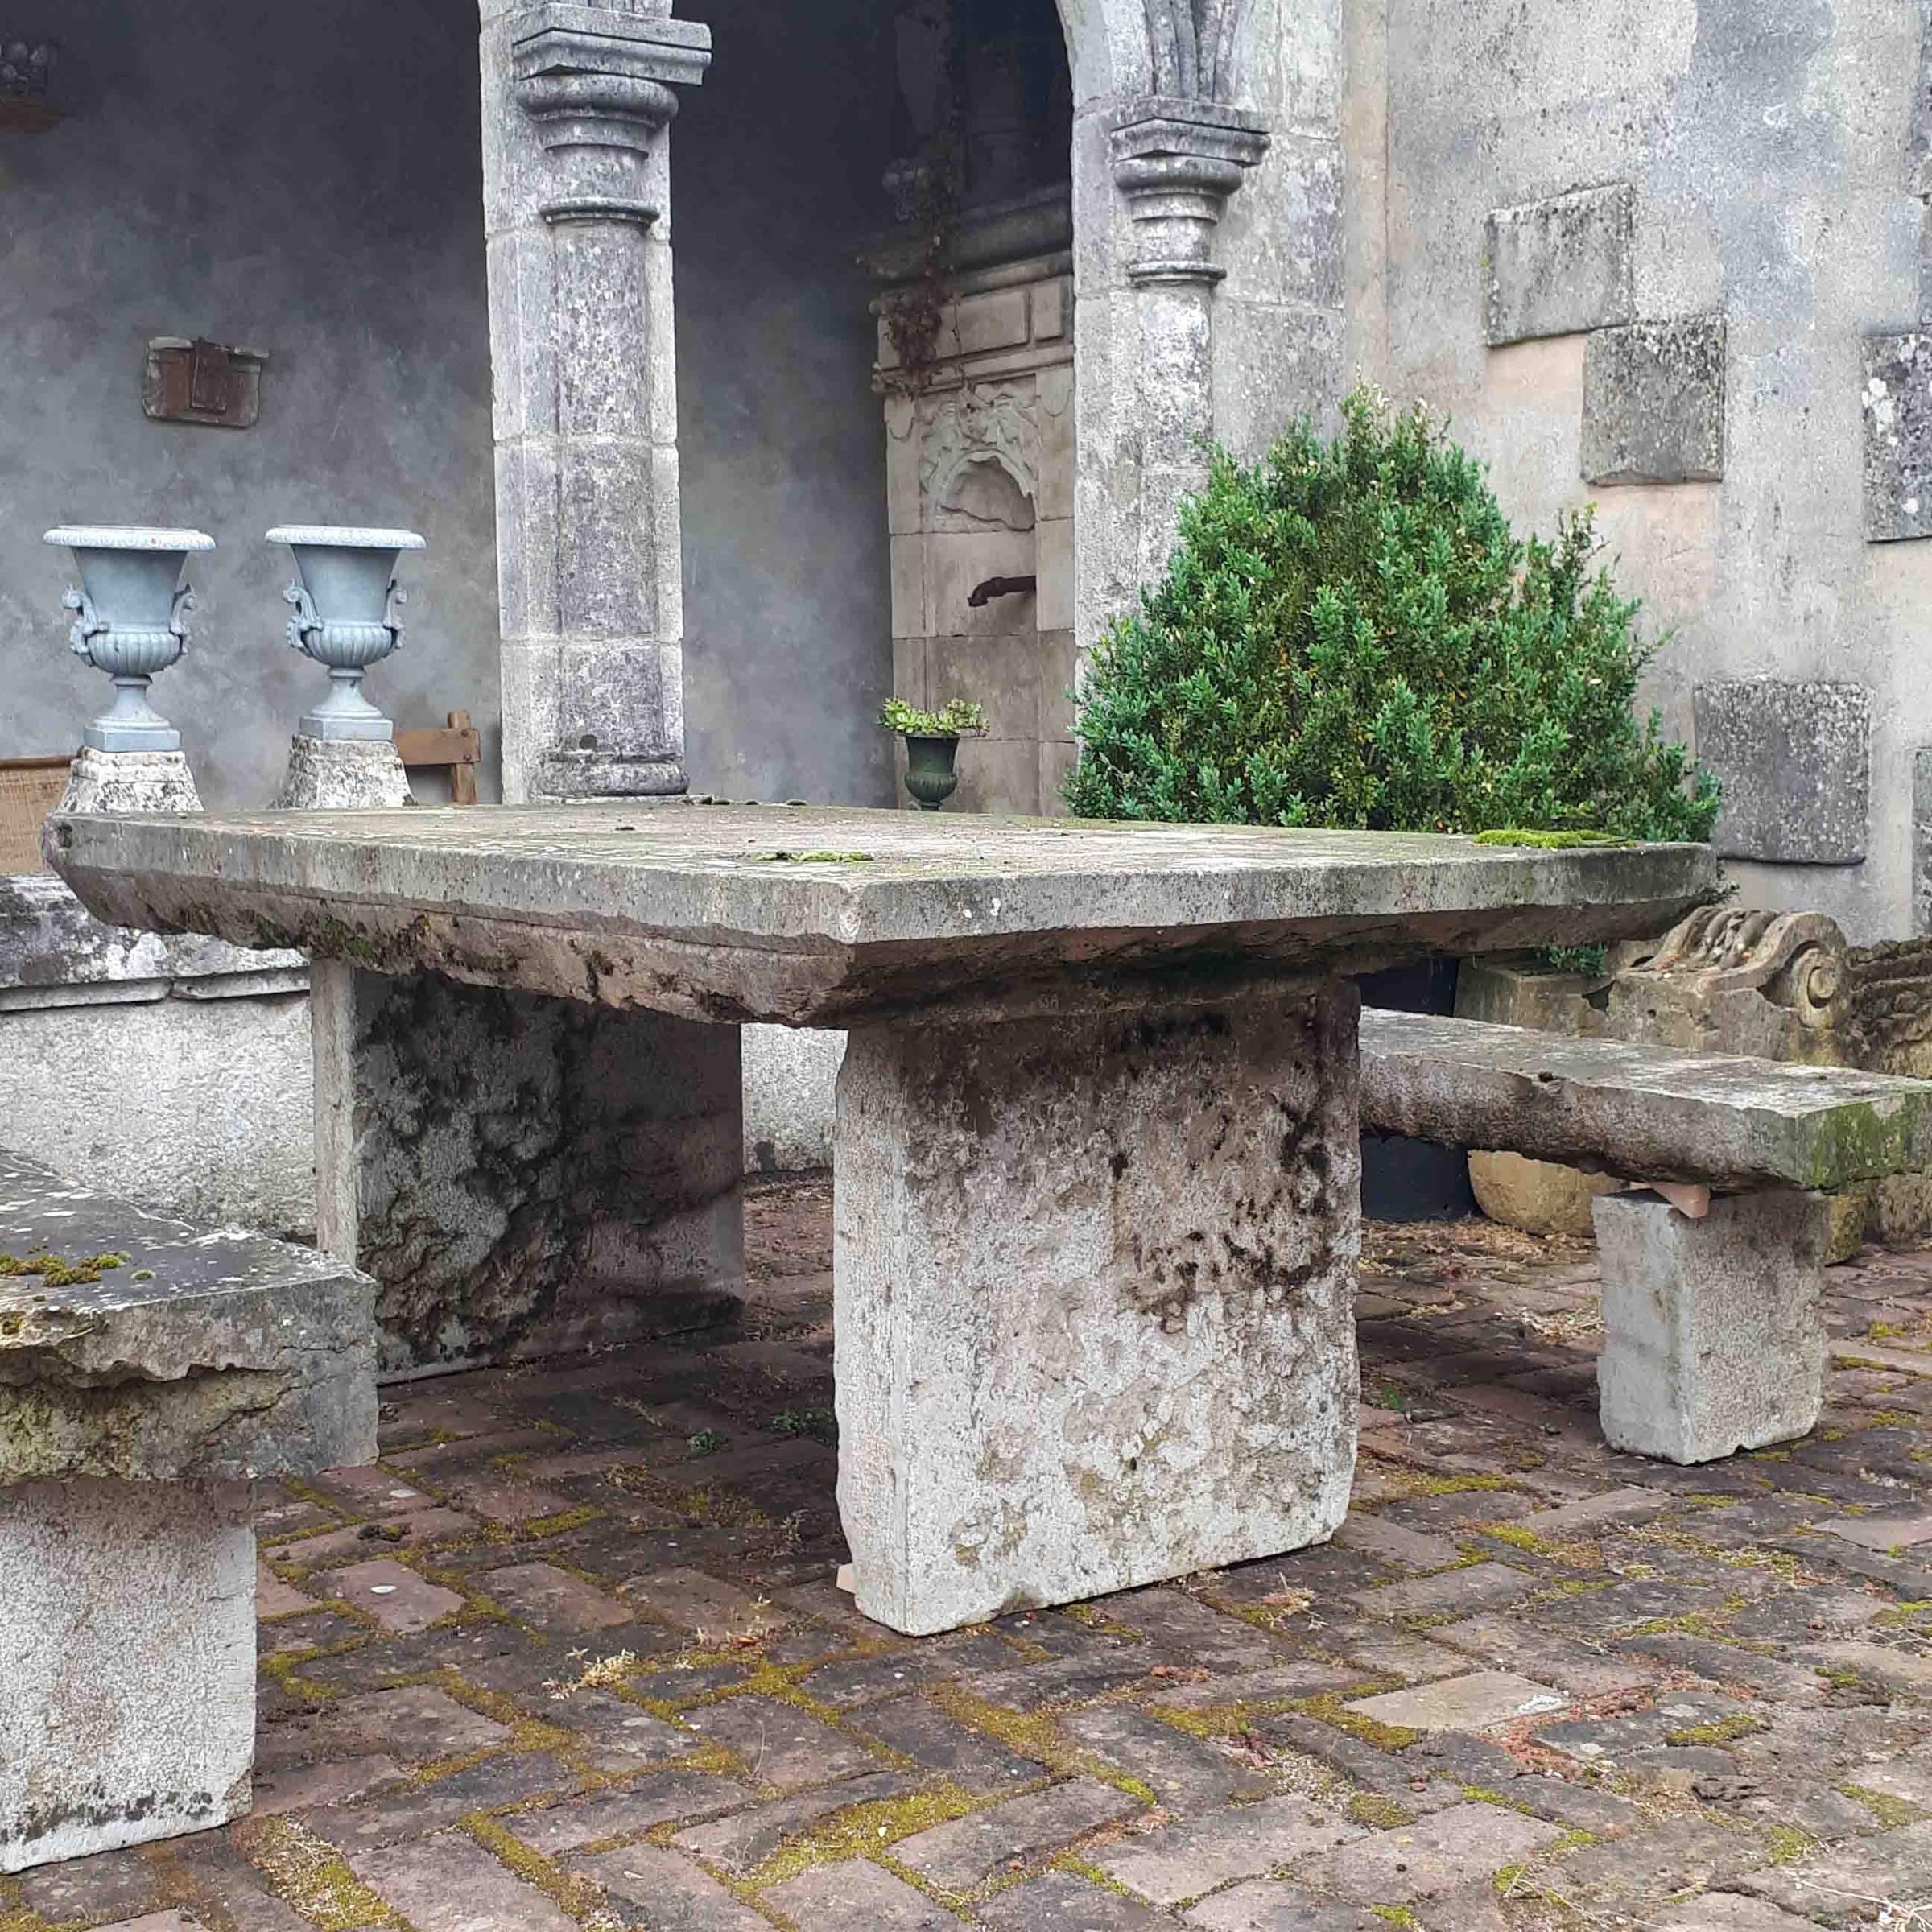 Alter Naturstein Gartentisch mit Bänke